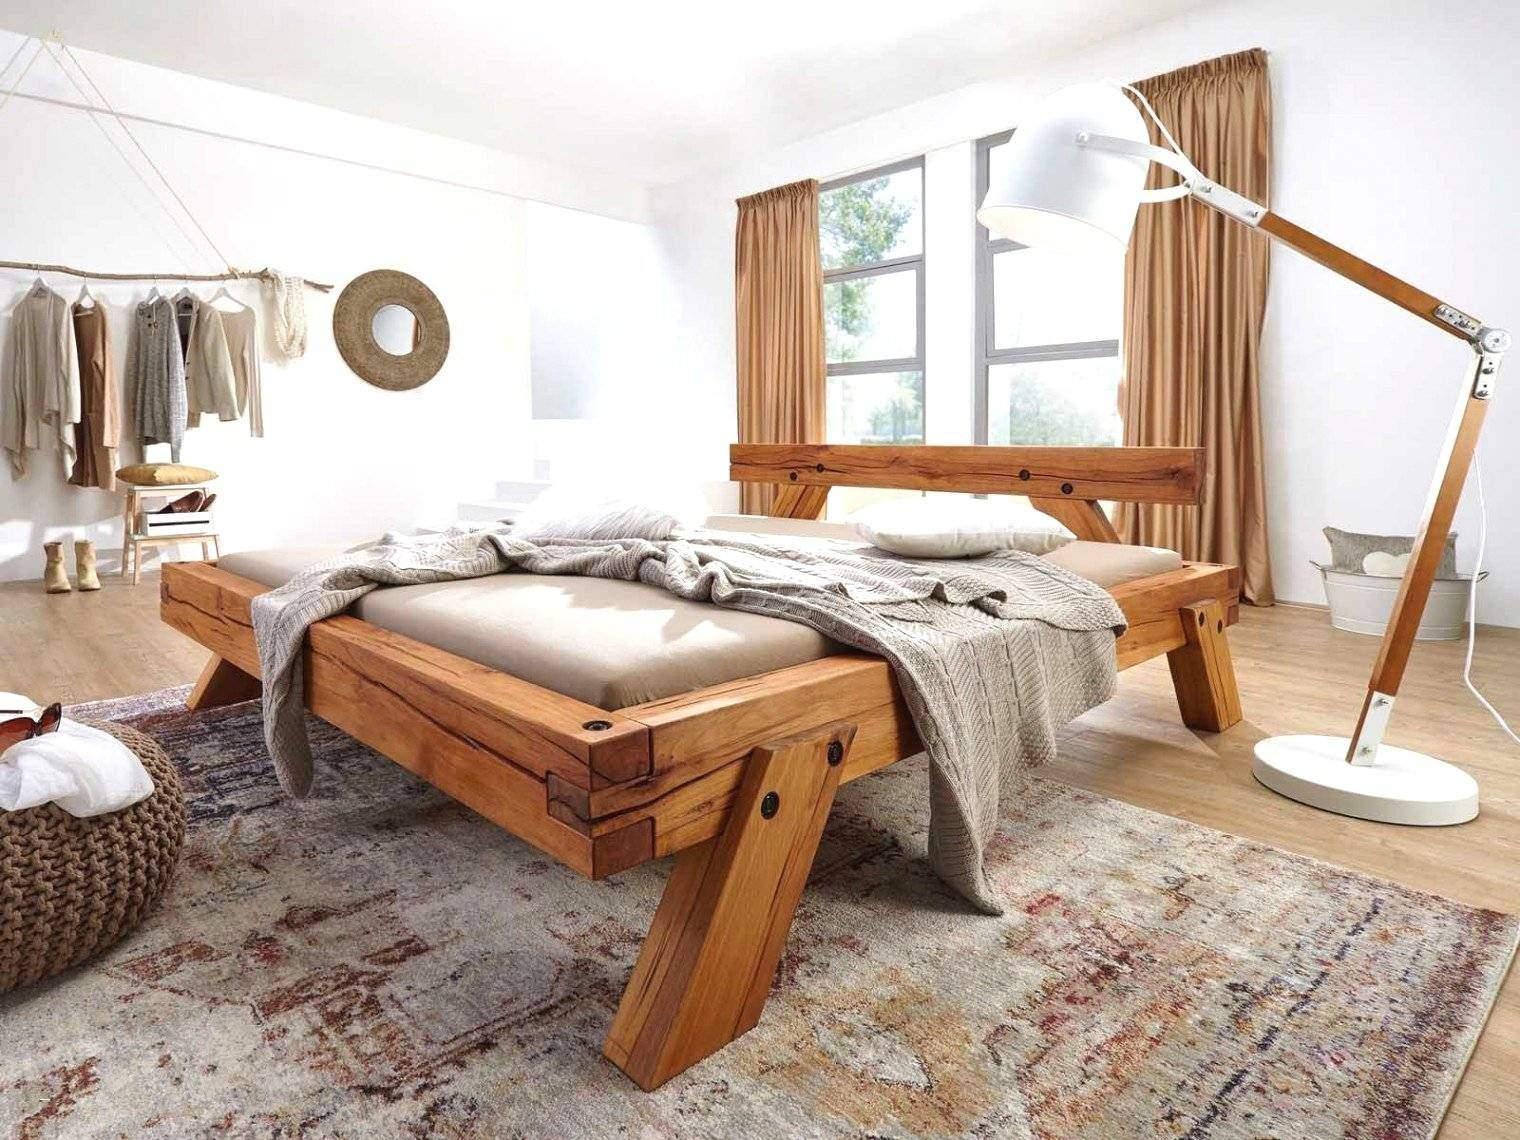 mediterranes wohnzimmer reizend wohnzimmer deko mediterran genial of mediterranes wohnzimmer